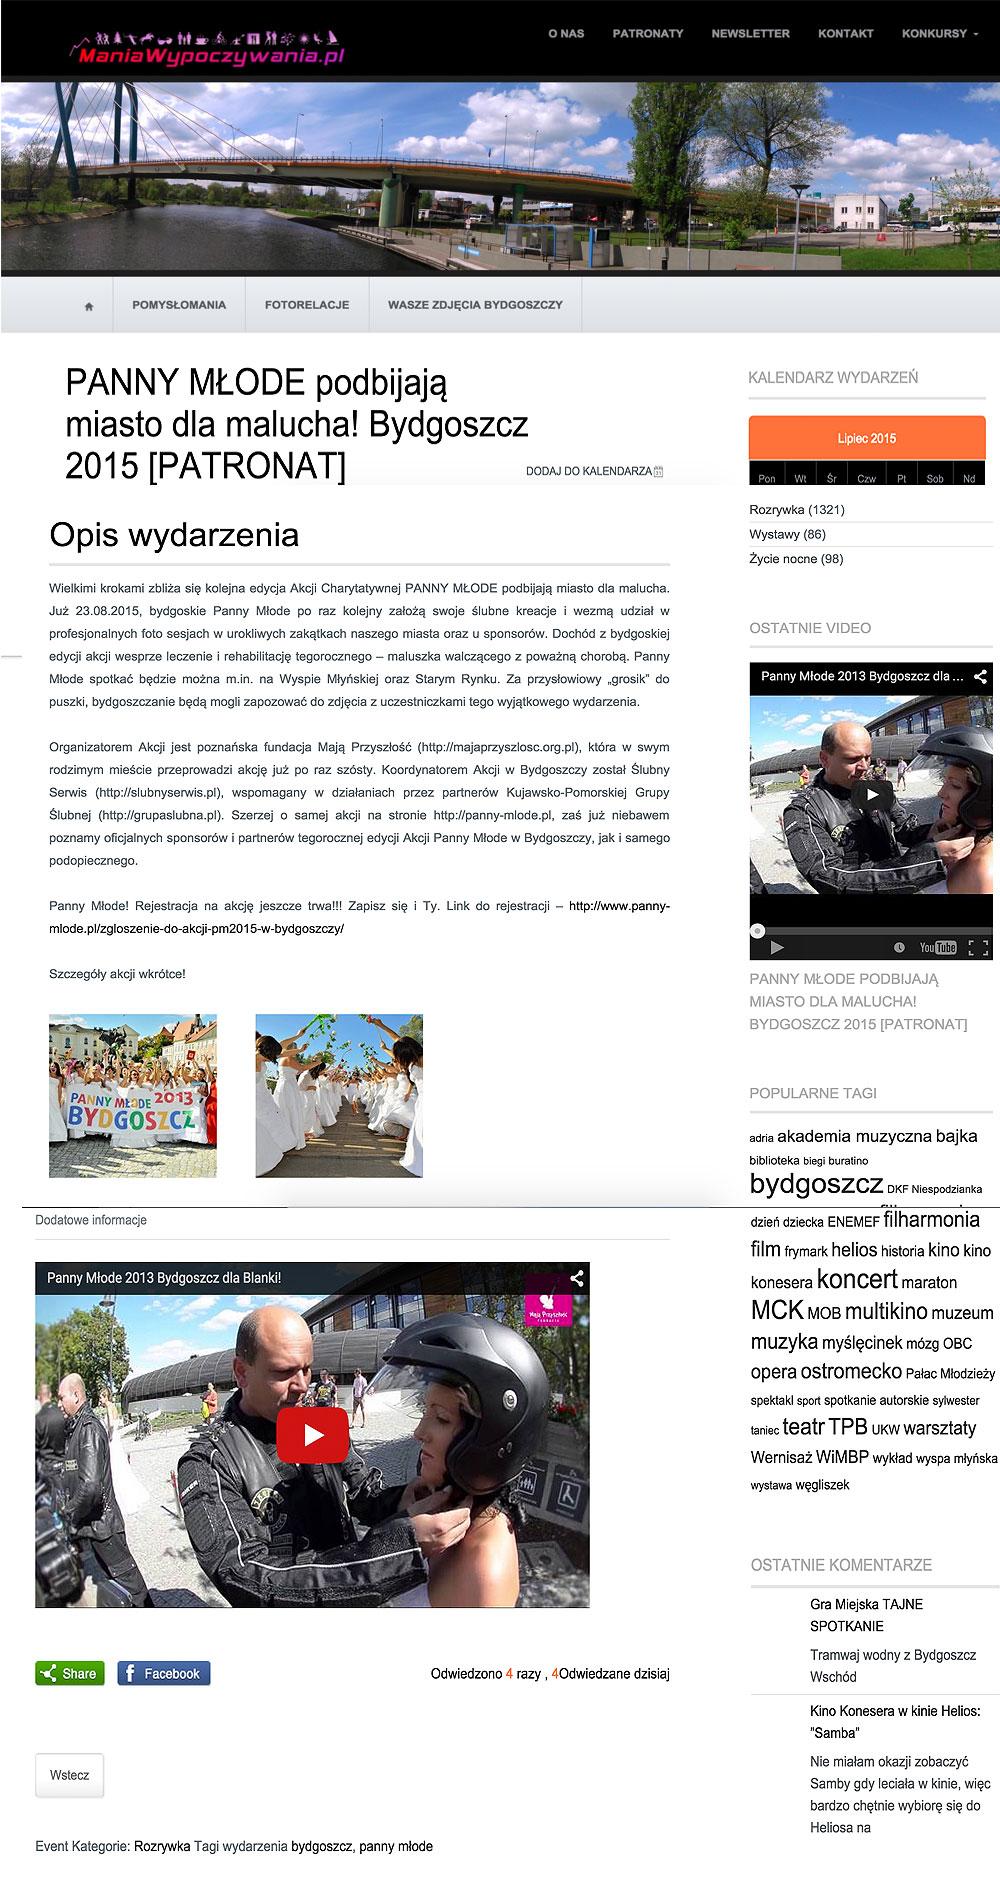 media-o-nas_maniawypoczywania_23.07.2015